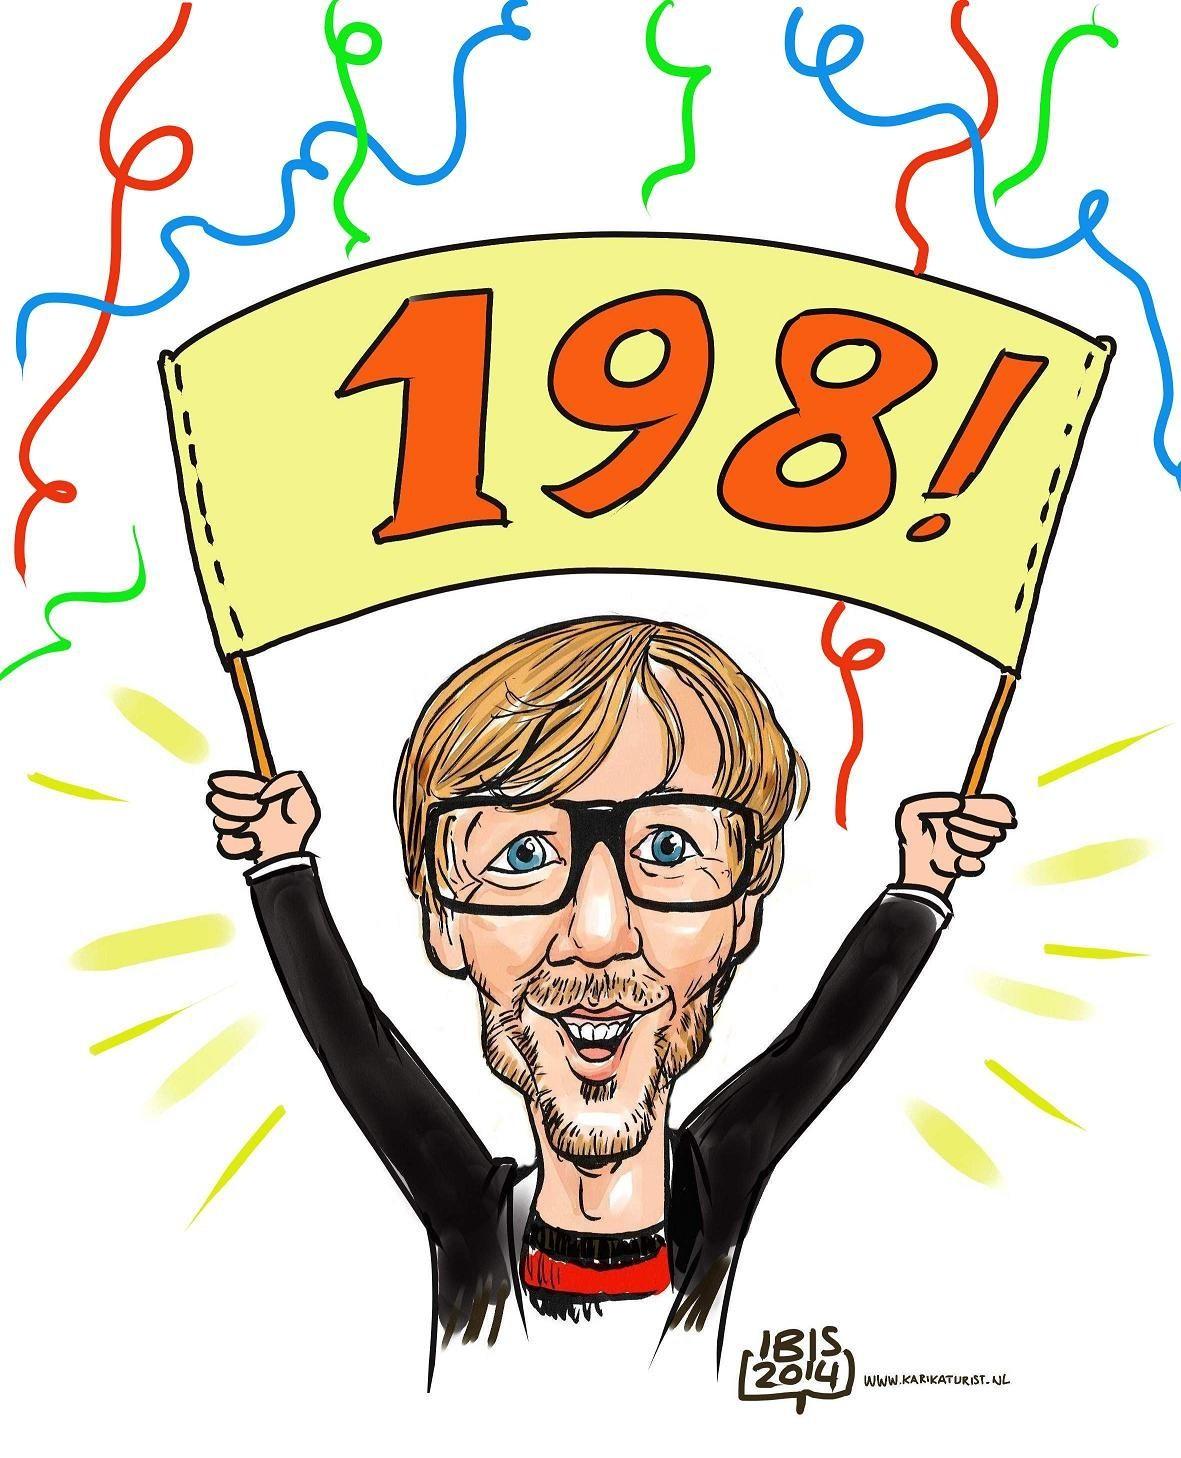 Karikatuur van foto: Giel Beelen